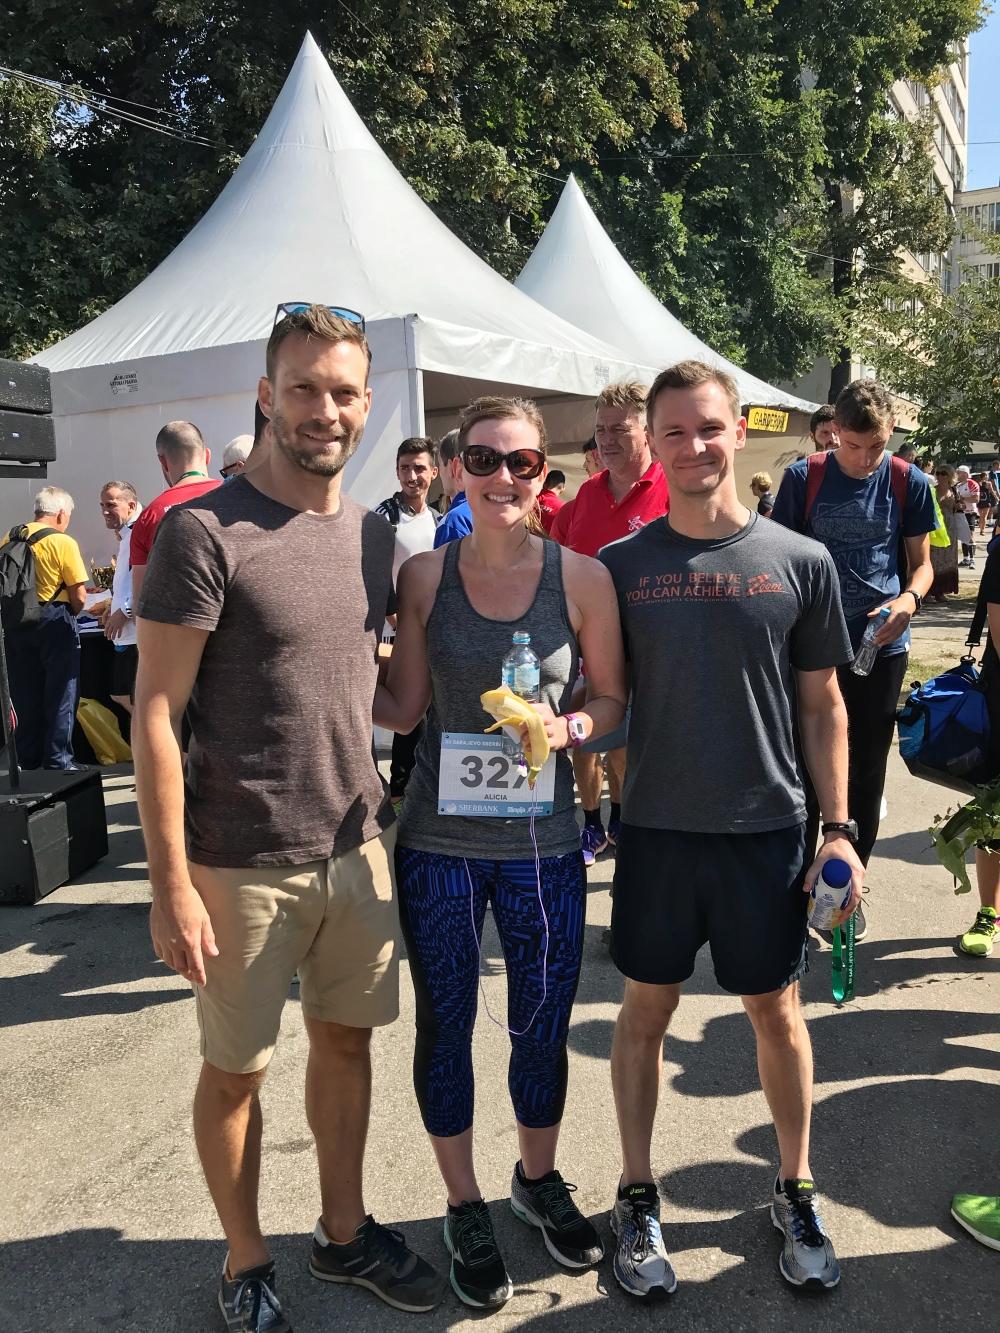 Half Marathon, Sarajevo, Bosnia and Herzegovina